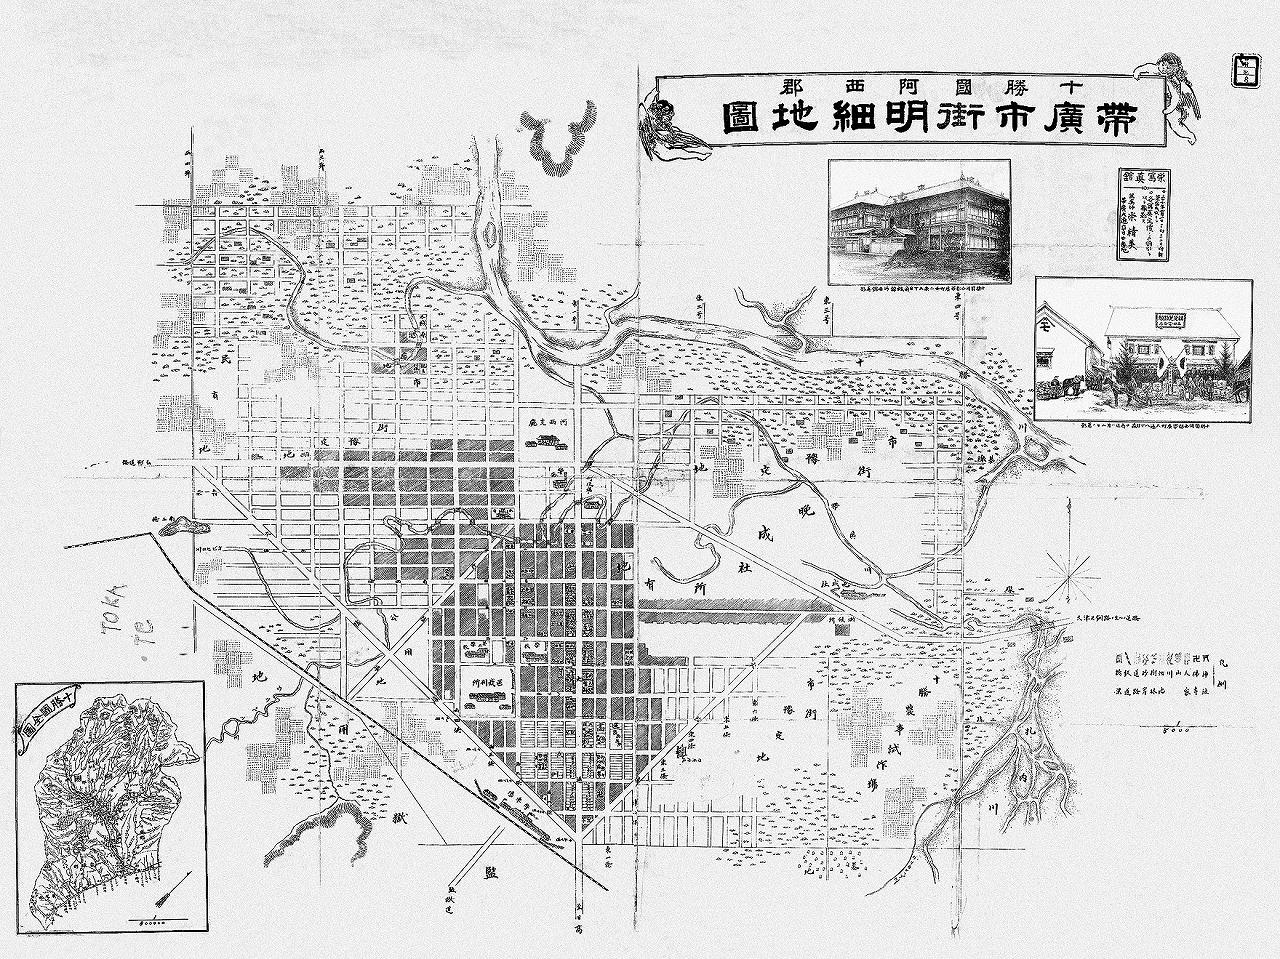 明治37年帯広市街明細地図